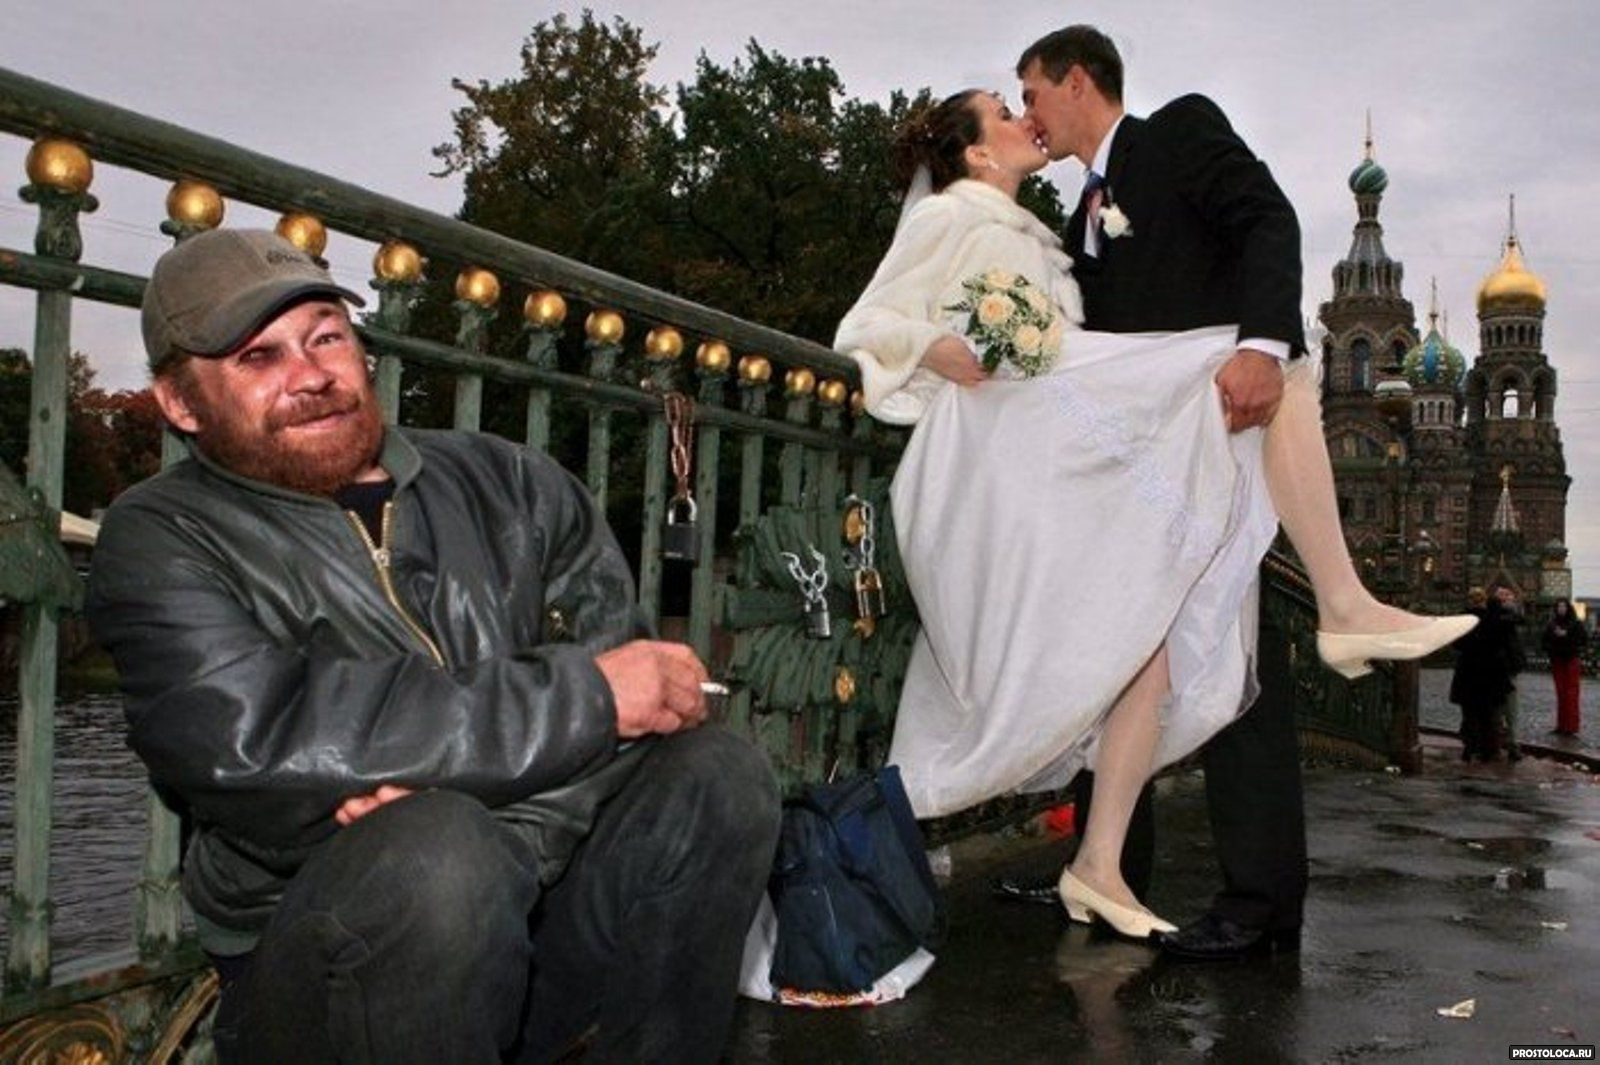 kak-sdelat-neudachnuyu-svadbu